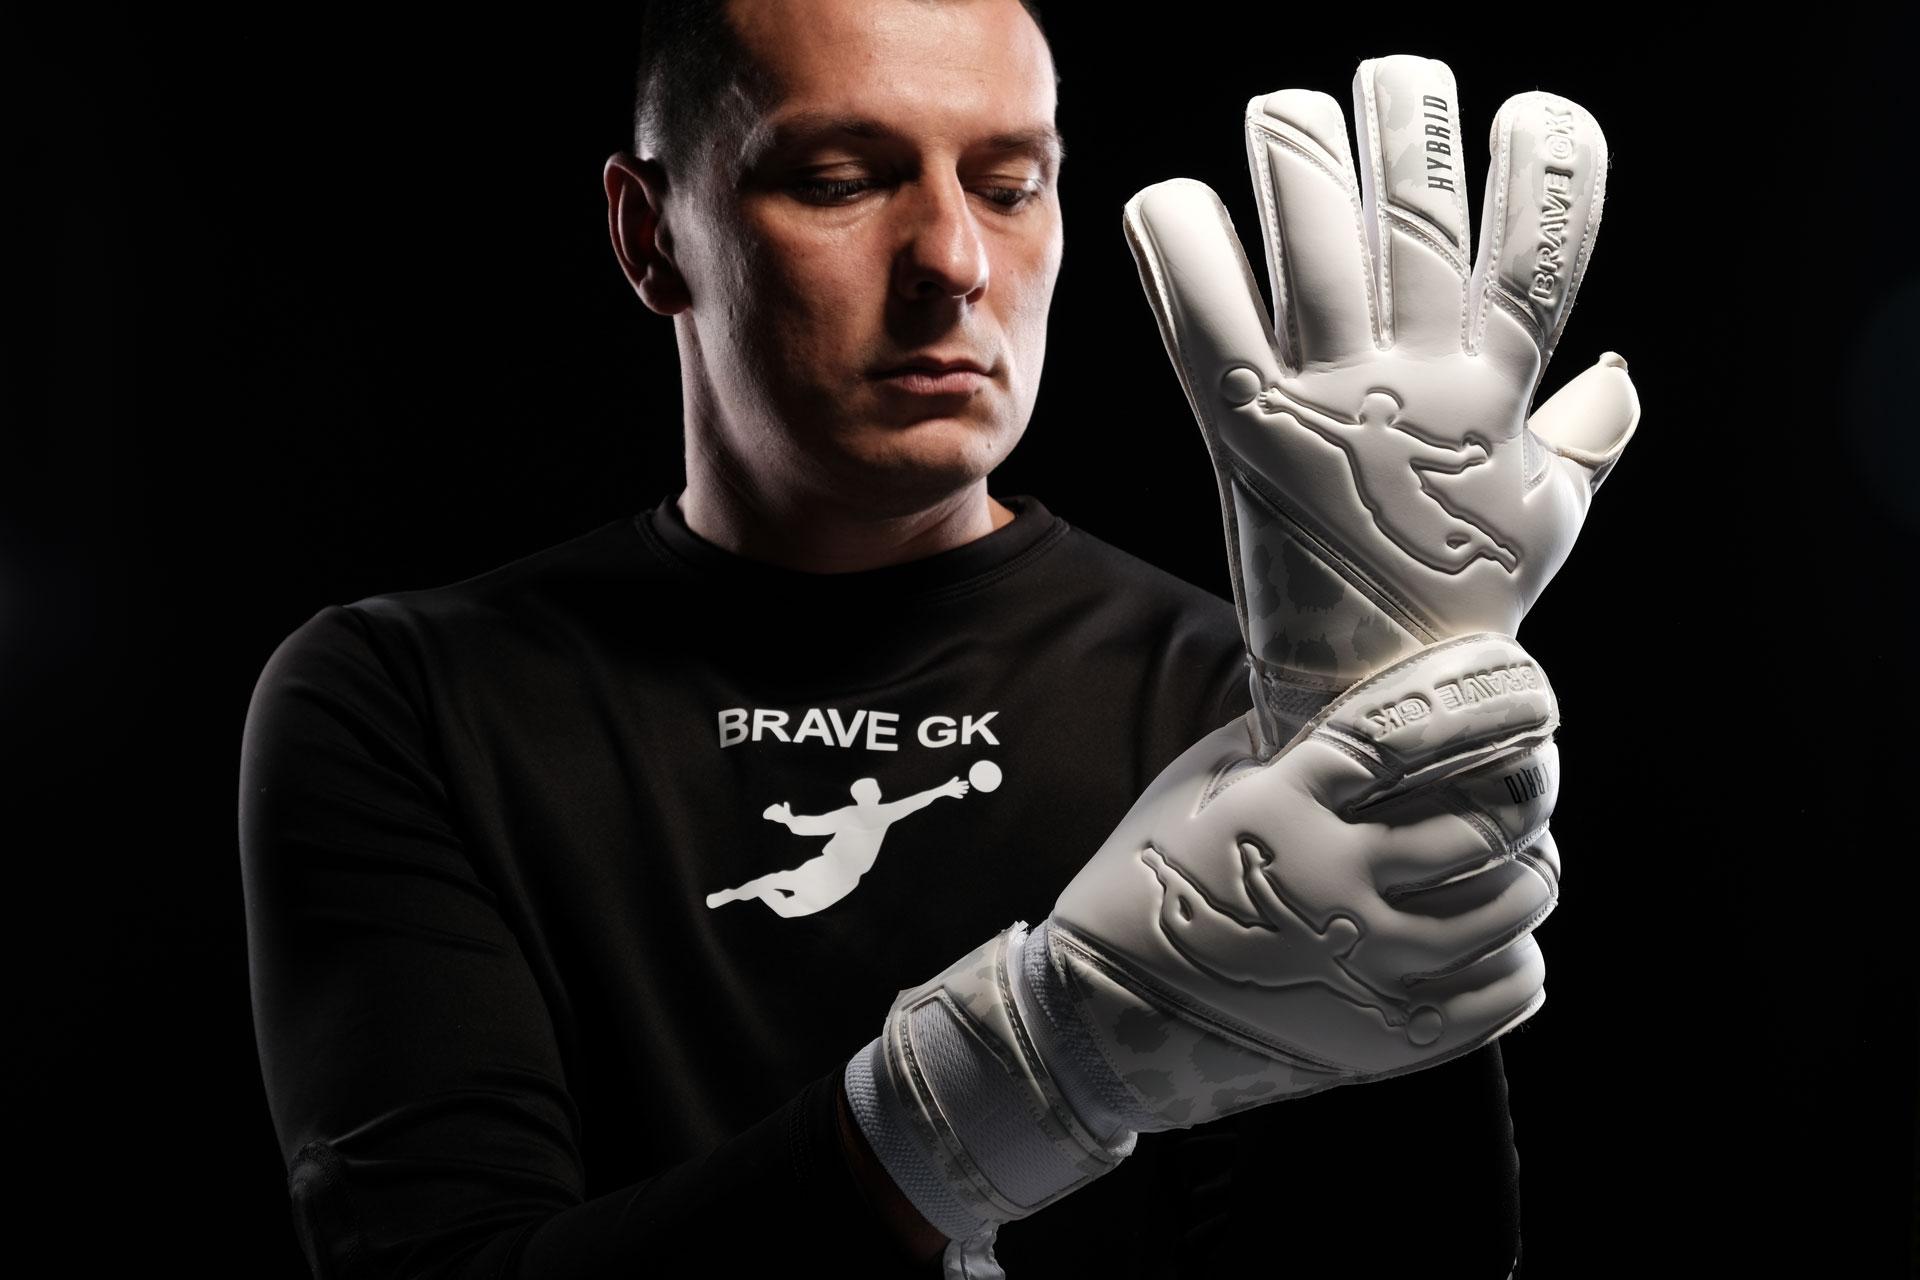 Rustam Khudzhamov Brave-GK-official online store Brave GK